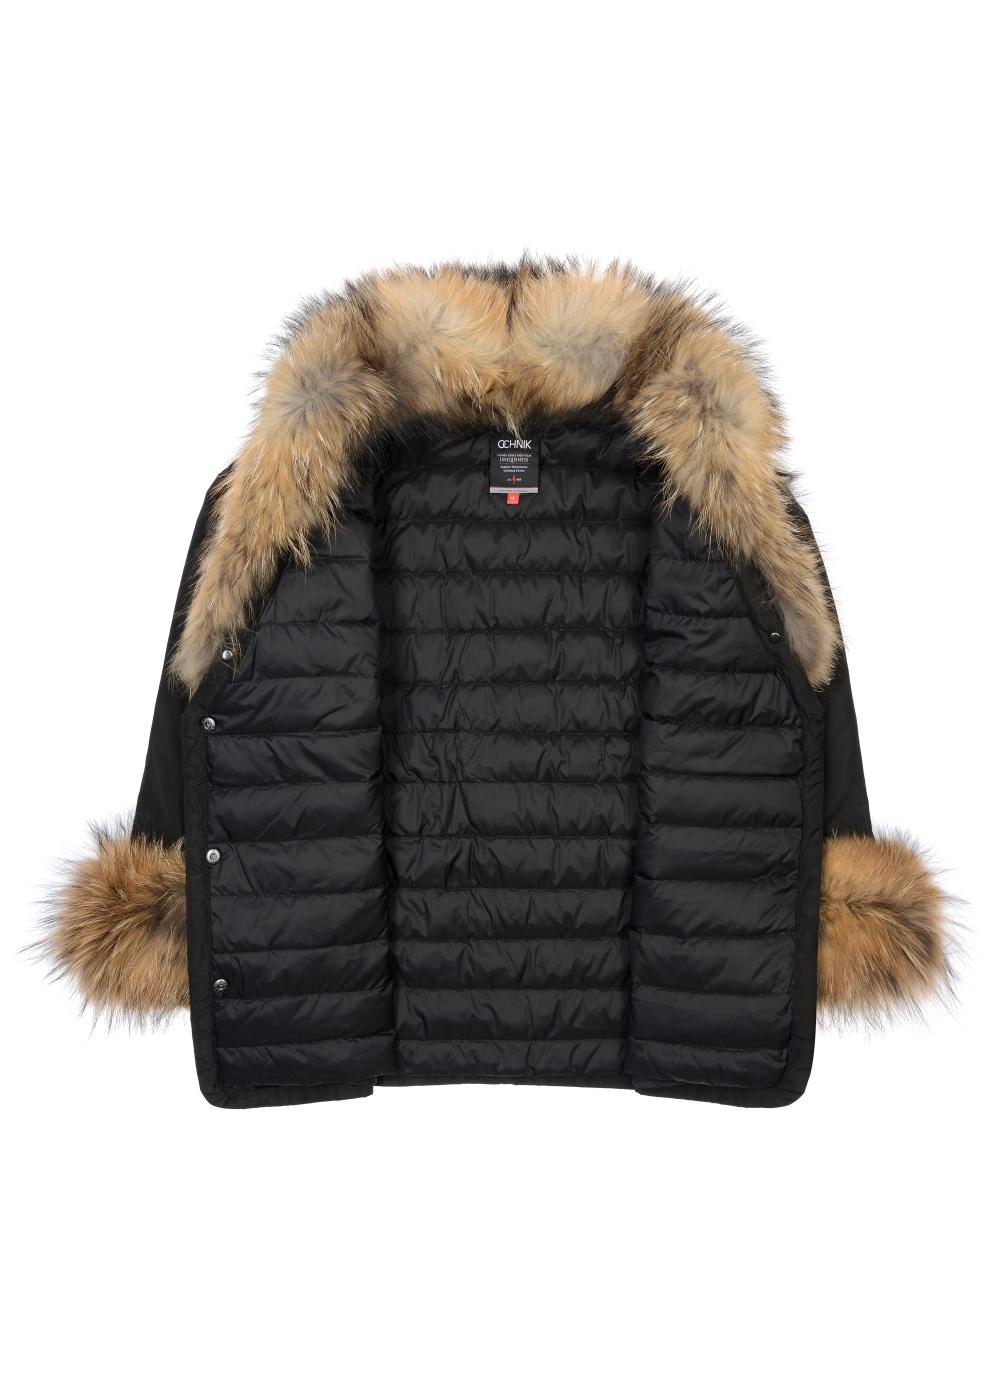 Ciepła kurtka damska z futrzanym wykończeniem KURDT-0251-99(Z20)